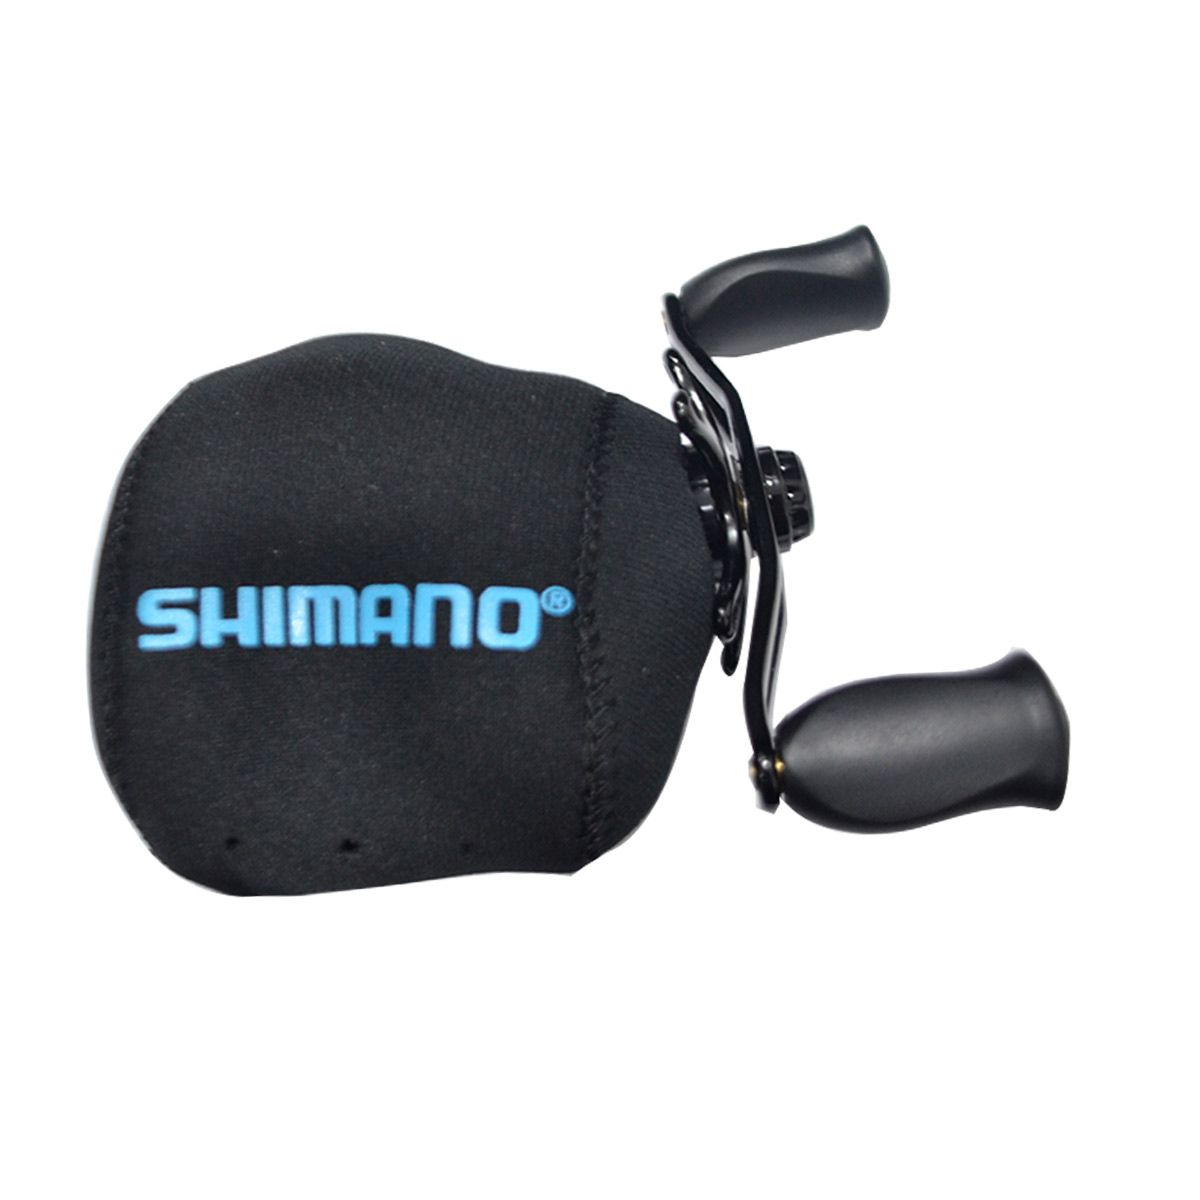 Capa protetora para carretilha Shimano ANRC820A